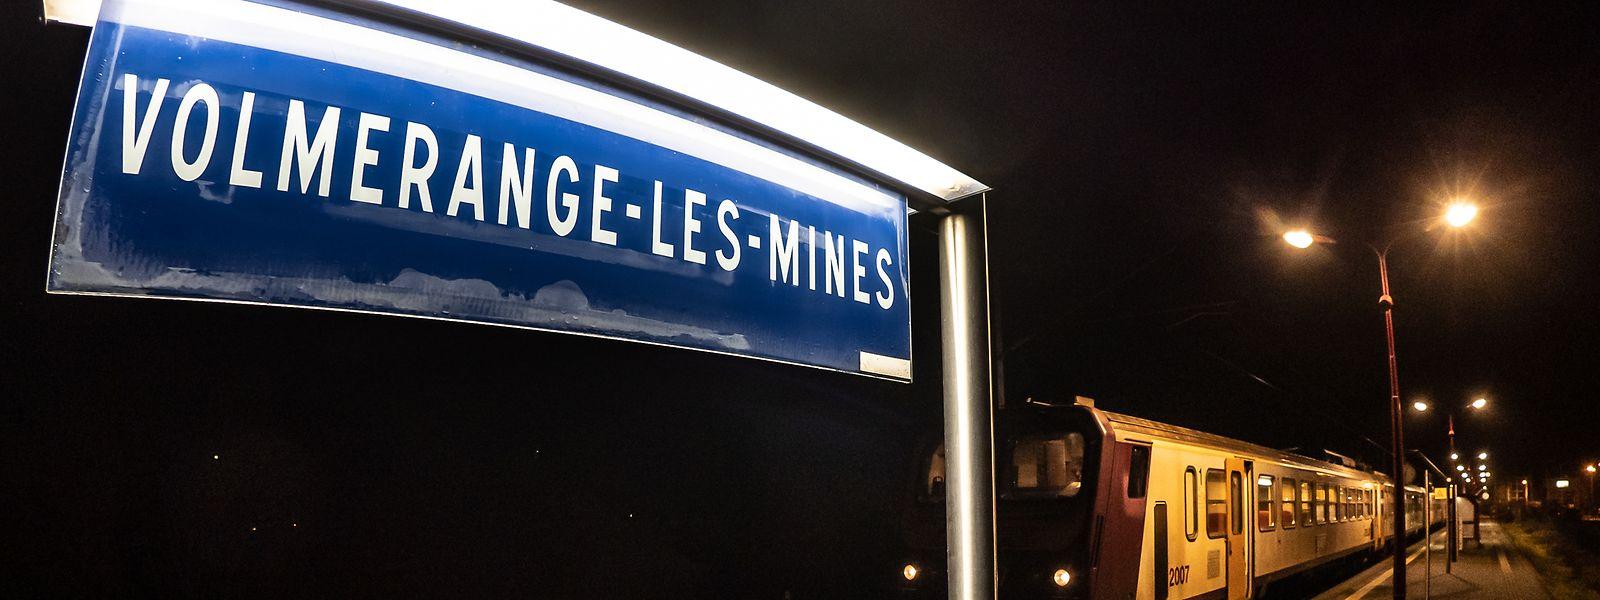 Volmerange-les-Mines, bien que commune française, a la particularité de posséder sur son territoire une gare desservie uniquement par des trains des CFL.